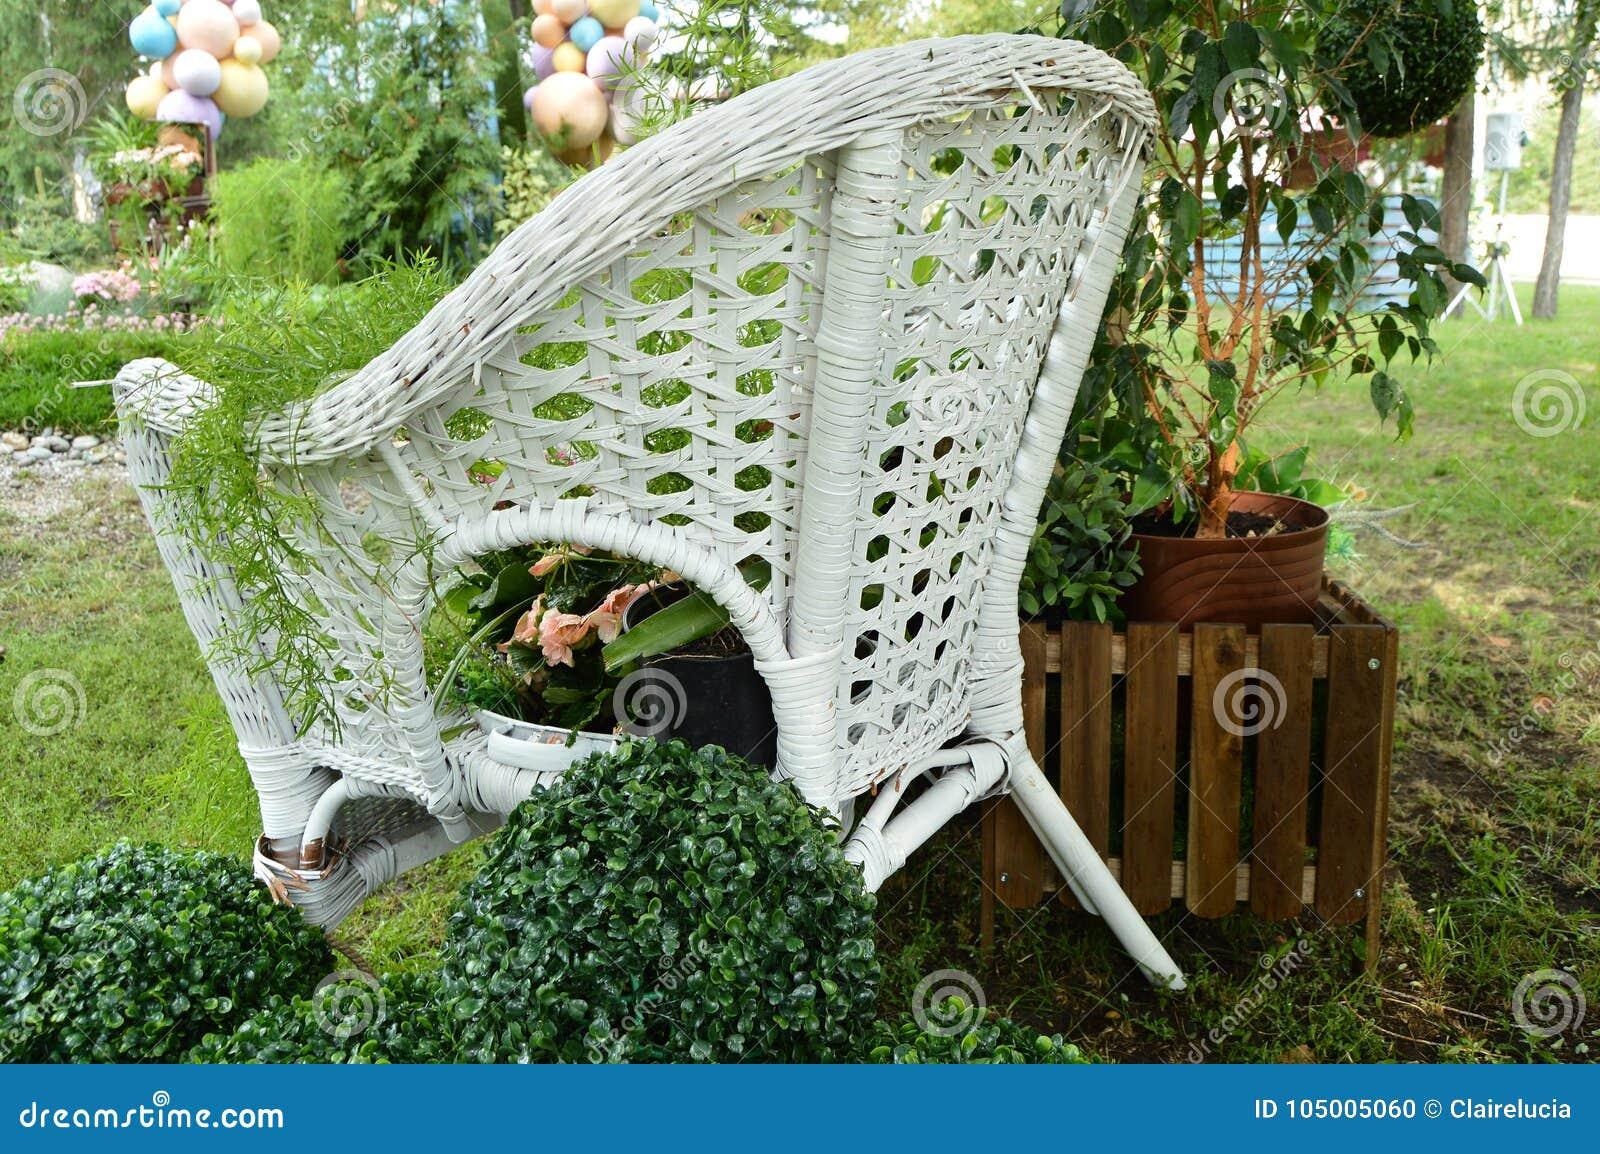 Witte Rieten Stoel : De witte rieten stoel in de tuin installaties in potten bevindt